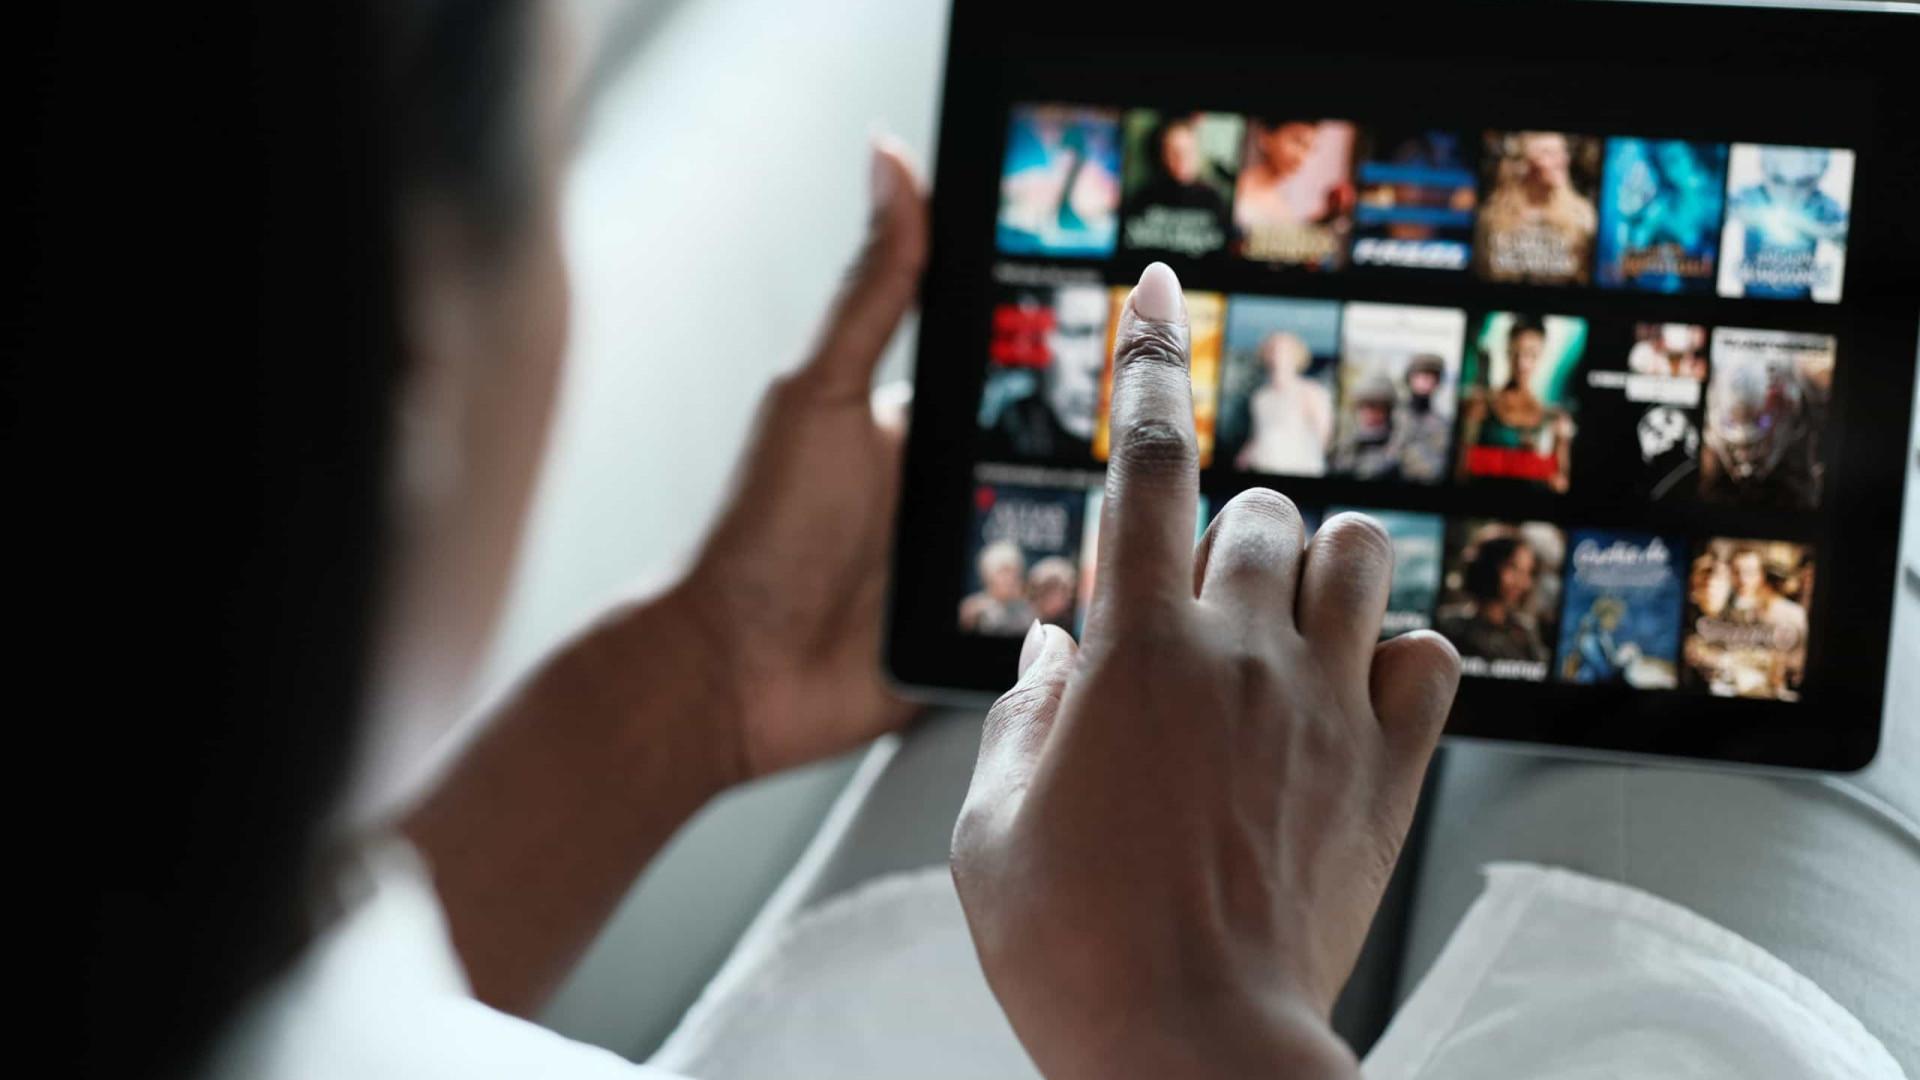 Senado decide que streaming não paga imposto para fomento do audiovisual